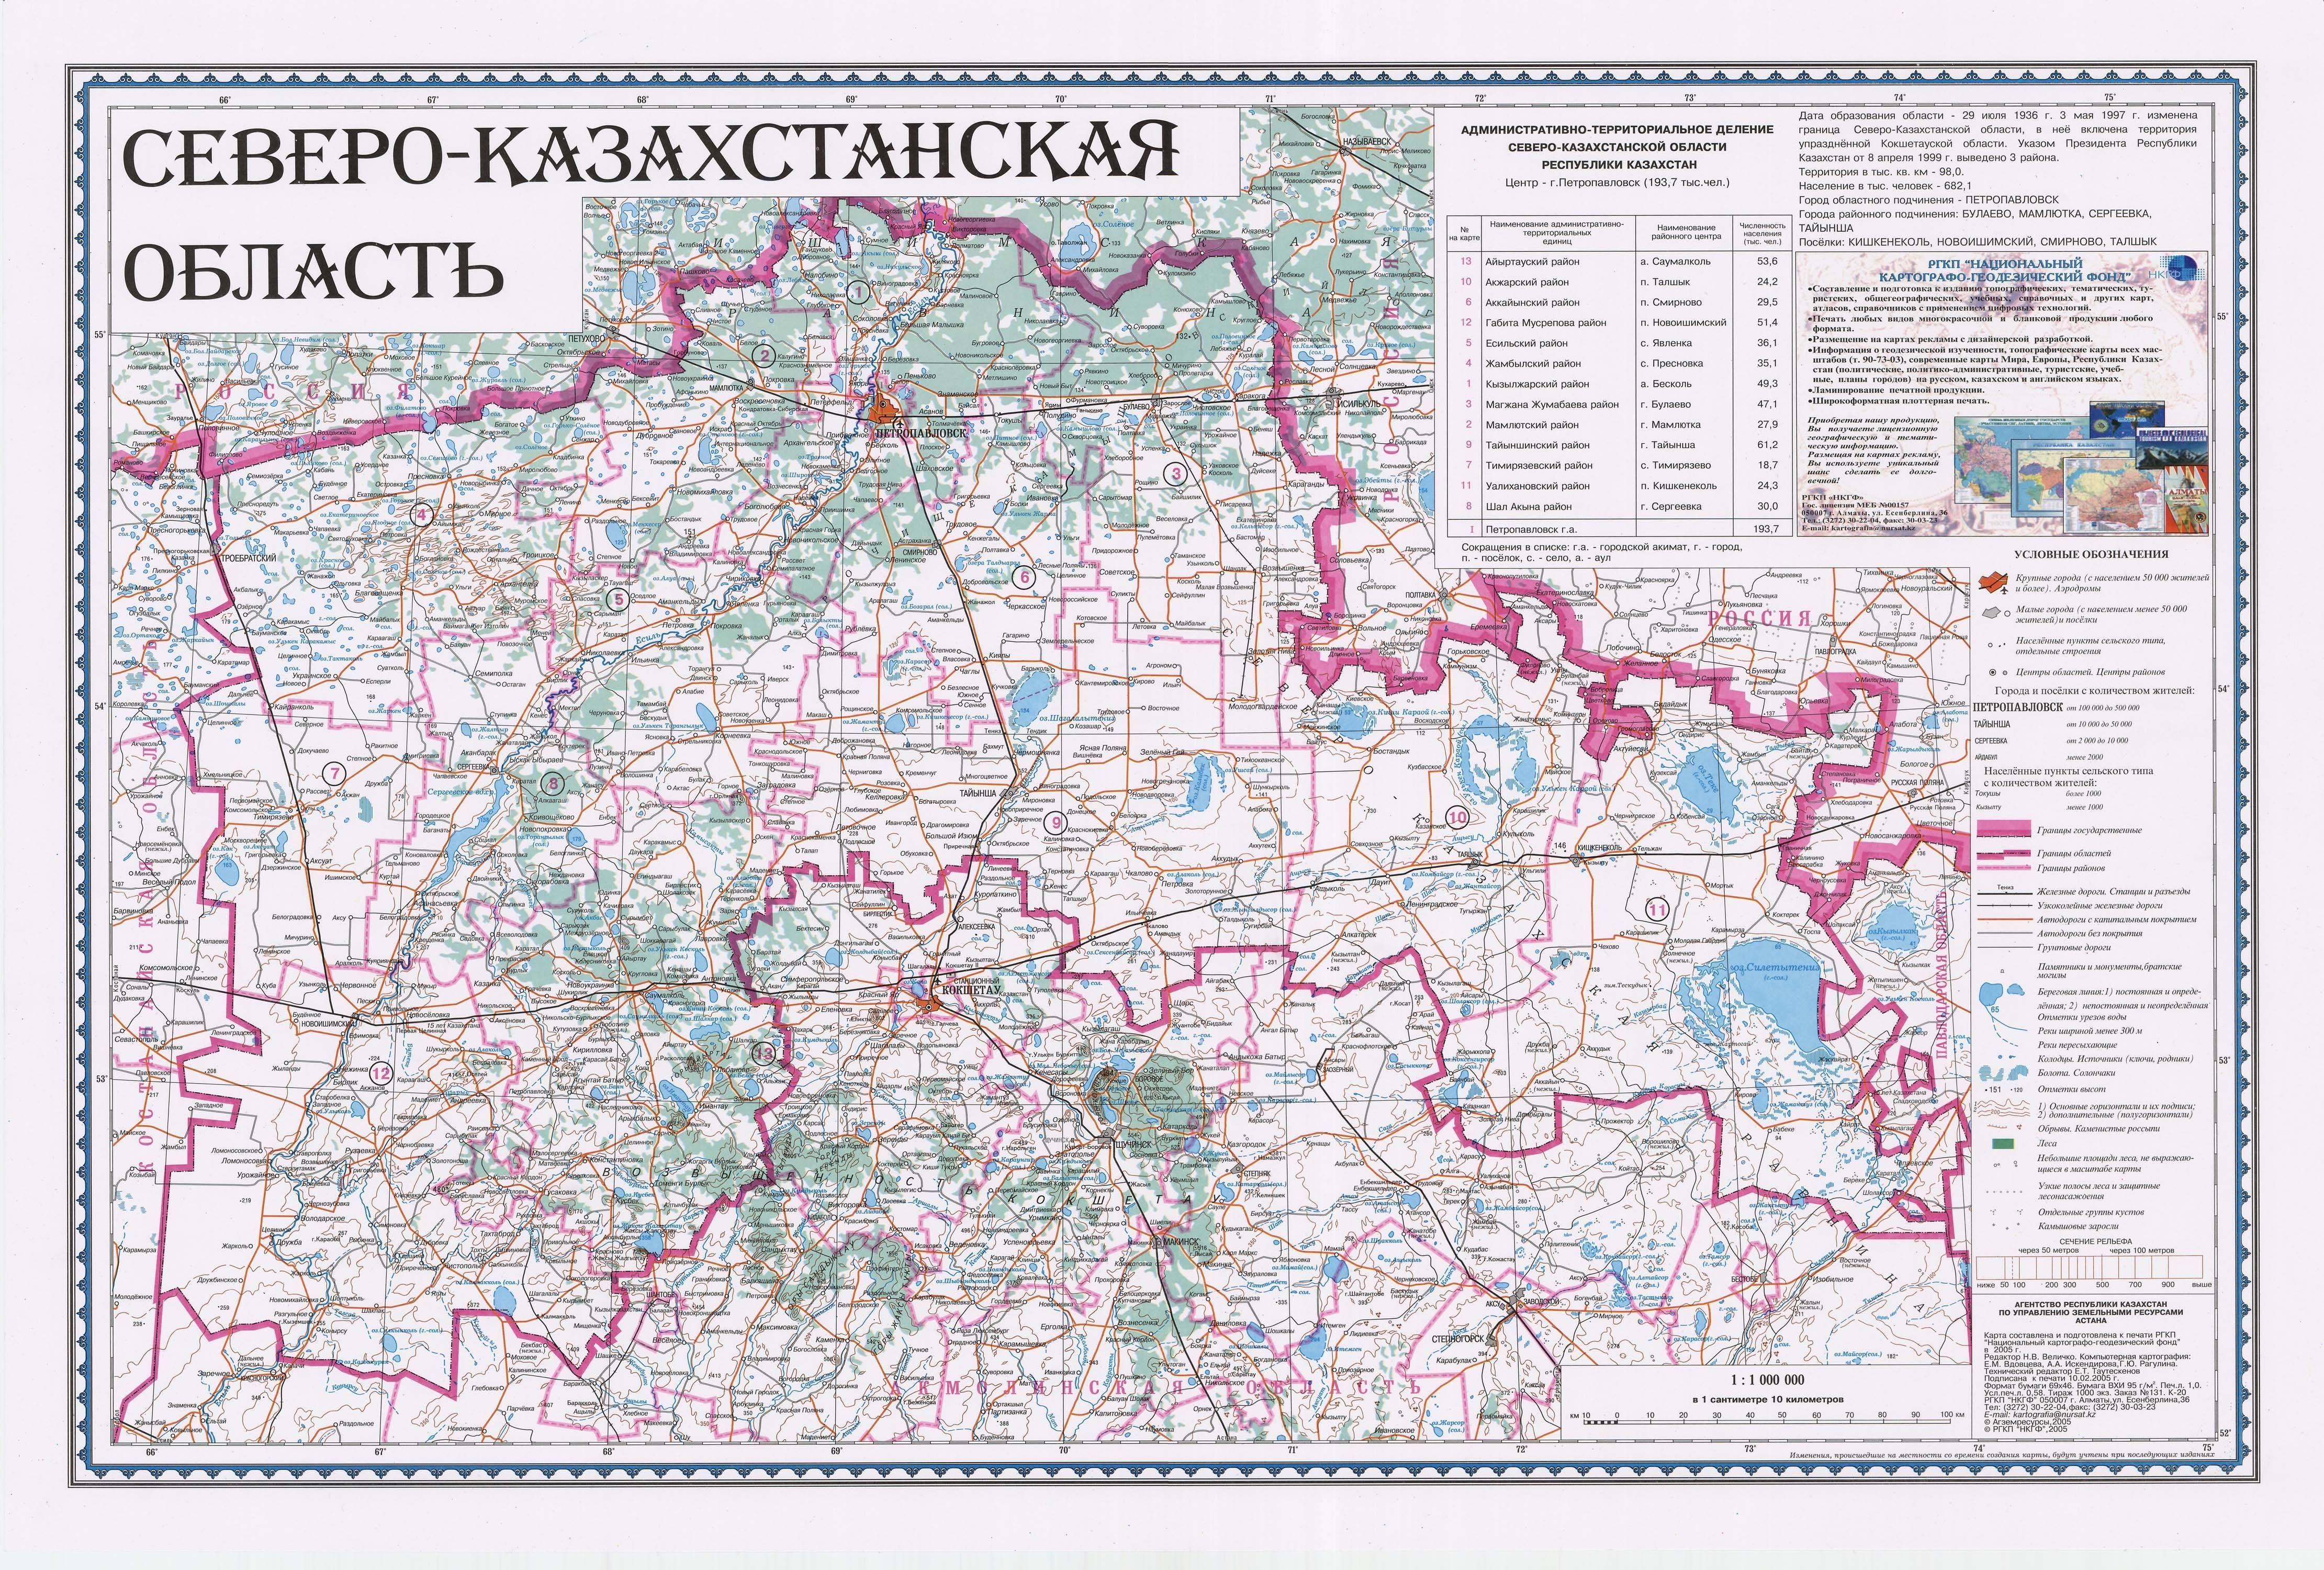 Официальный интернет-ресурс акима района шал акына северо-казахстанской области | история района